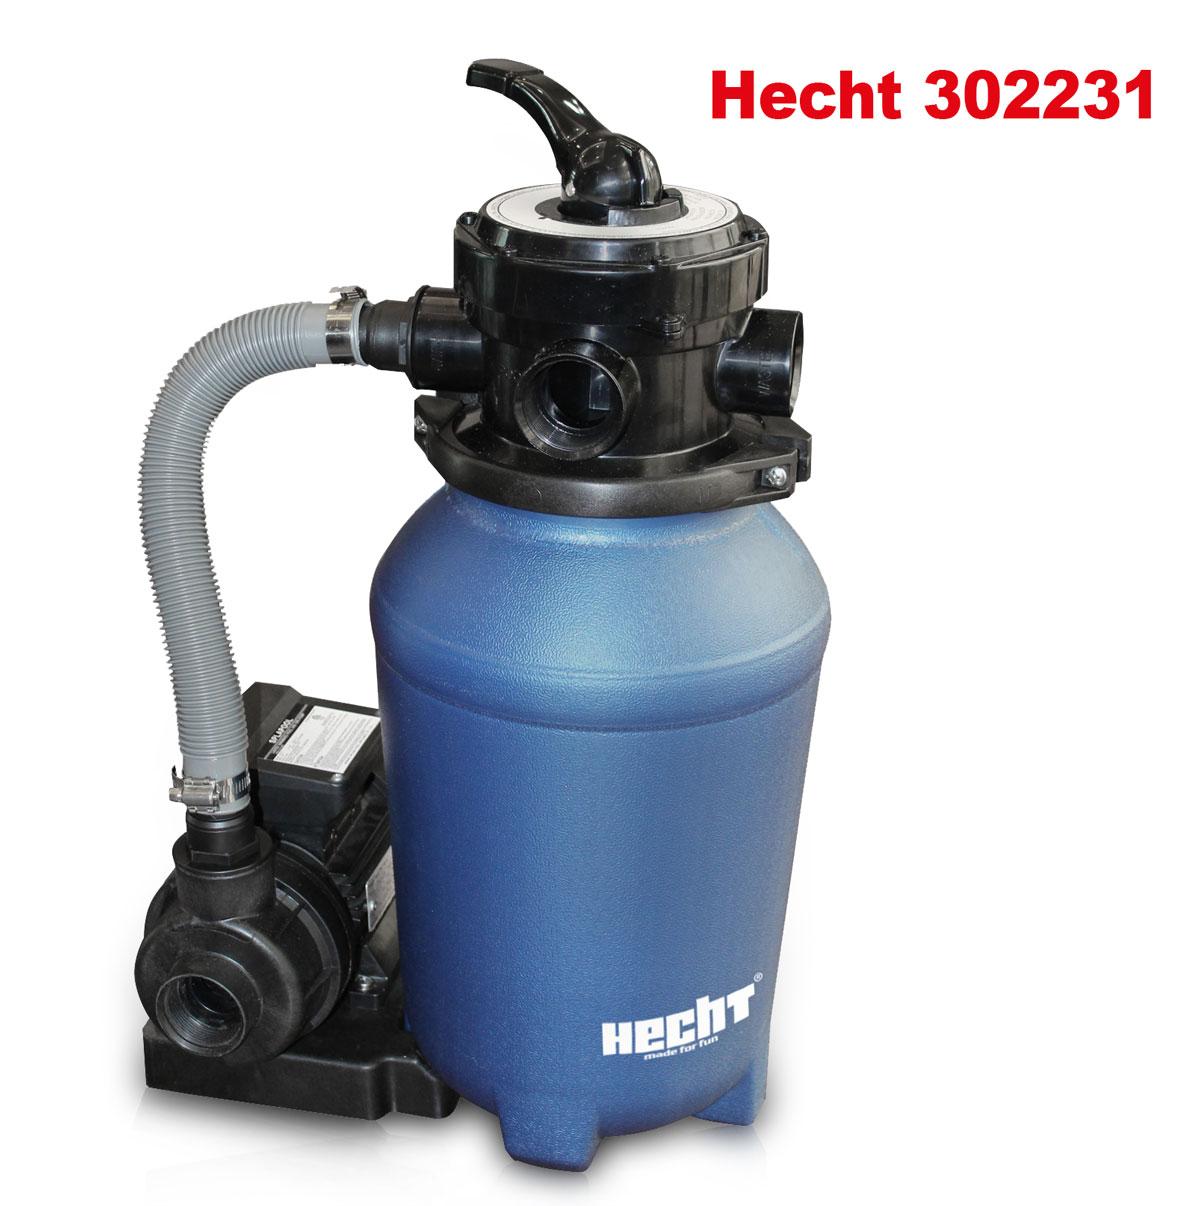 Hecht sandfilteranlage sandfilter poolfilter poolpumpe filteranlage wasserfilter ebay - Pool filter reinigen ...